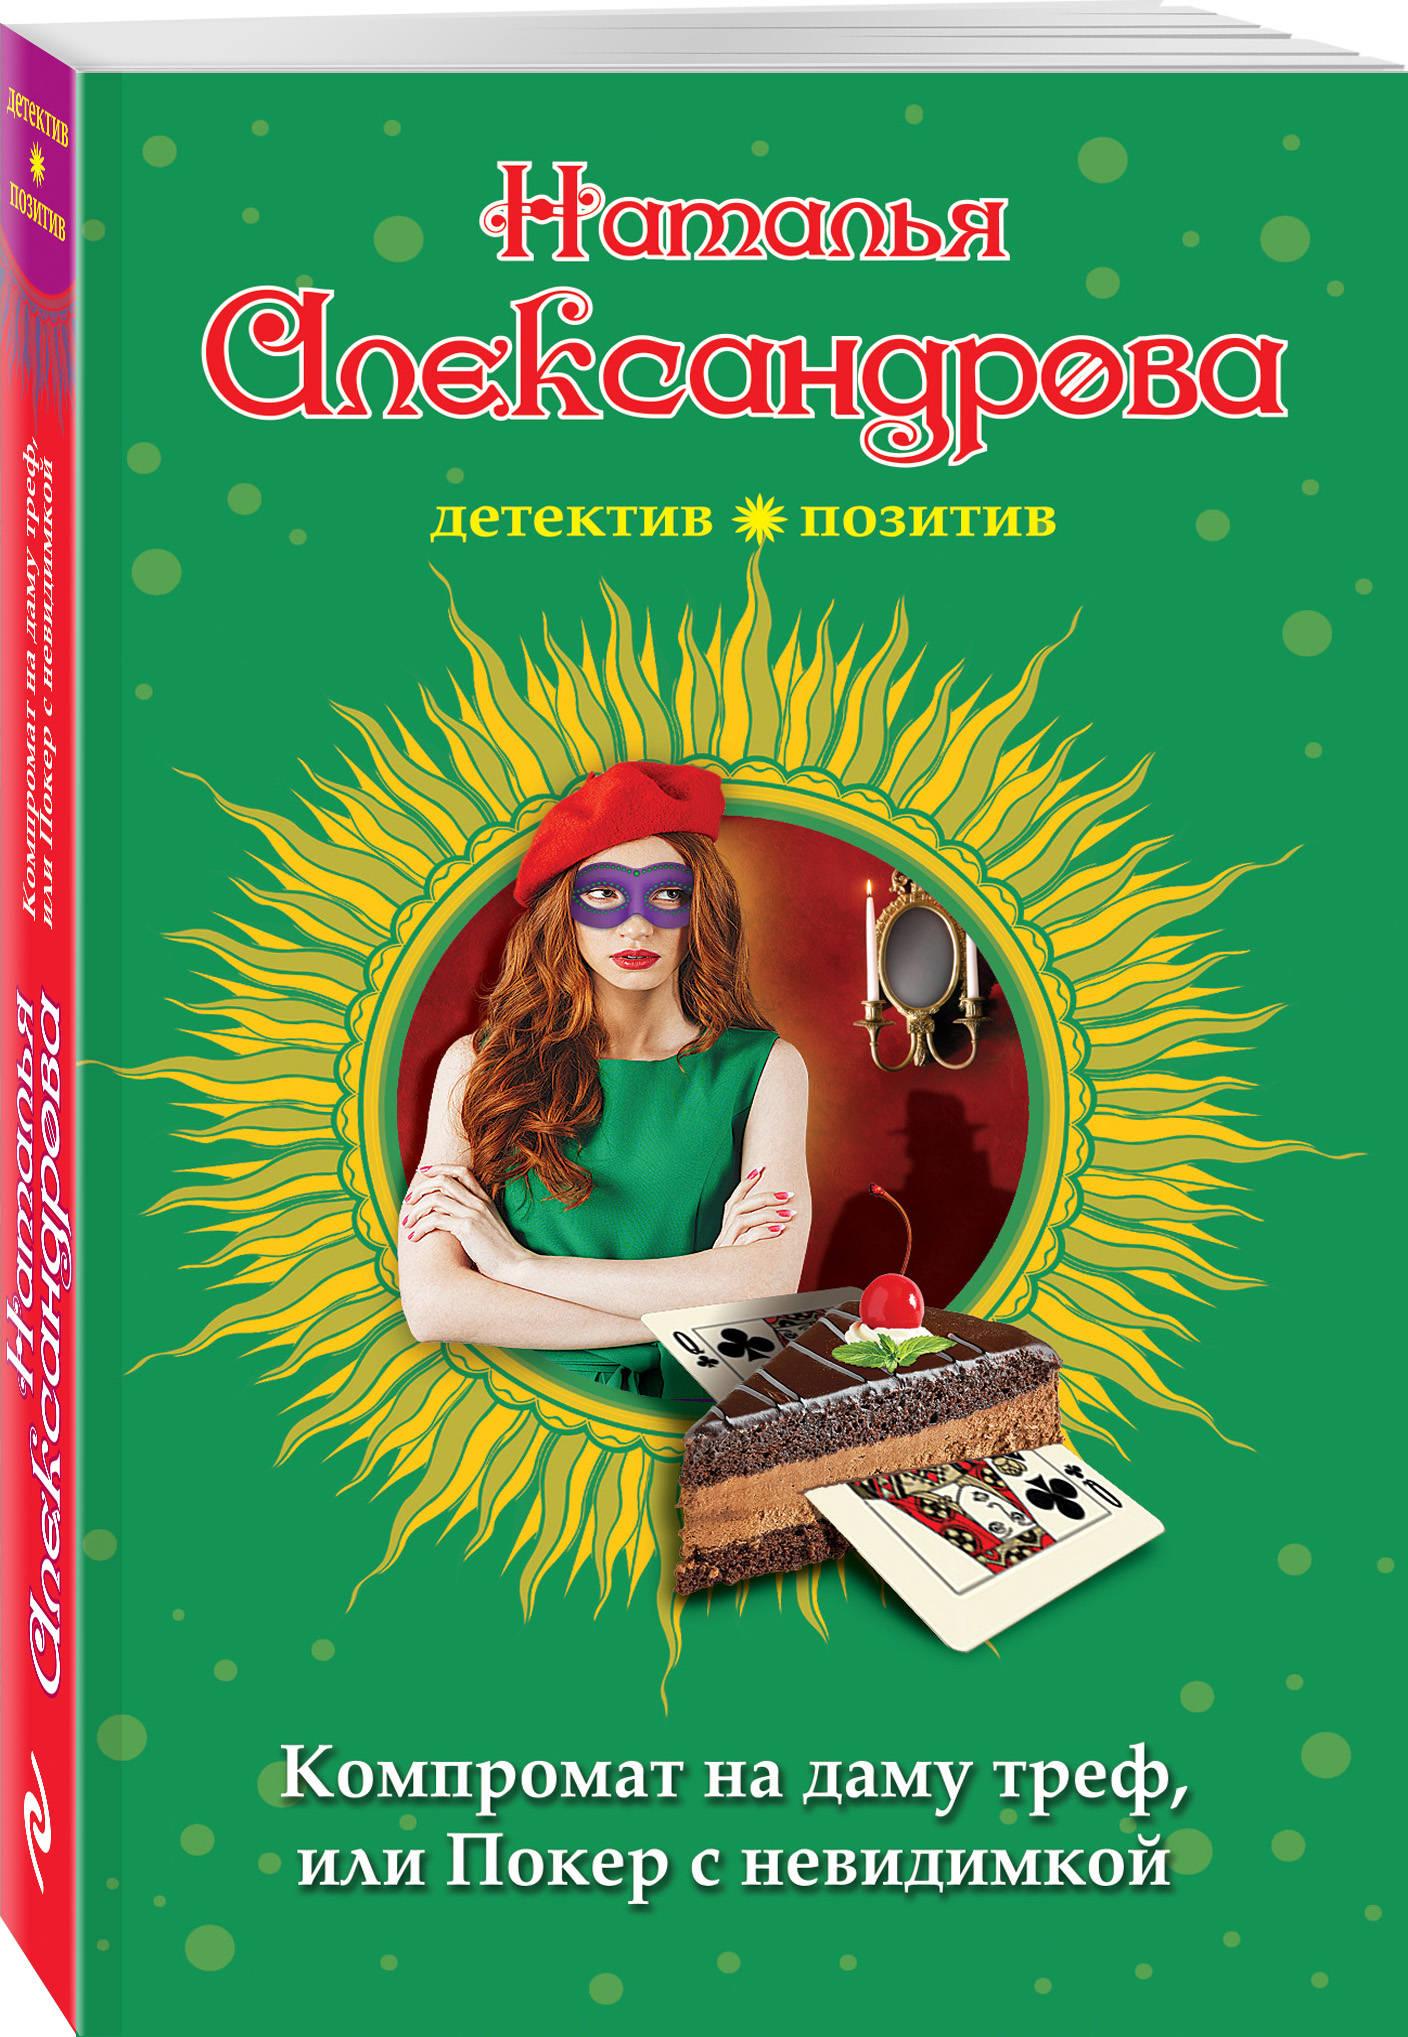 Наталья Александрова Компромат на даму треф, или Покер с невидимкой наталья александрова компромат на даму треф или покер с невидимкой